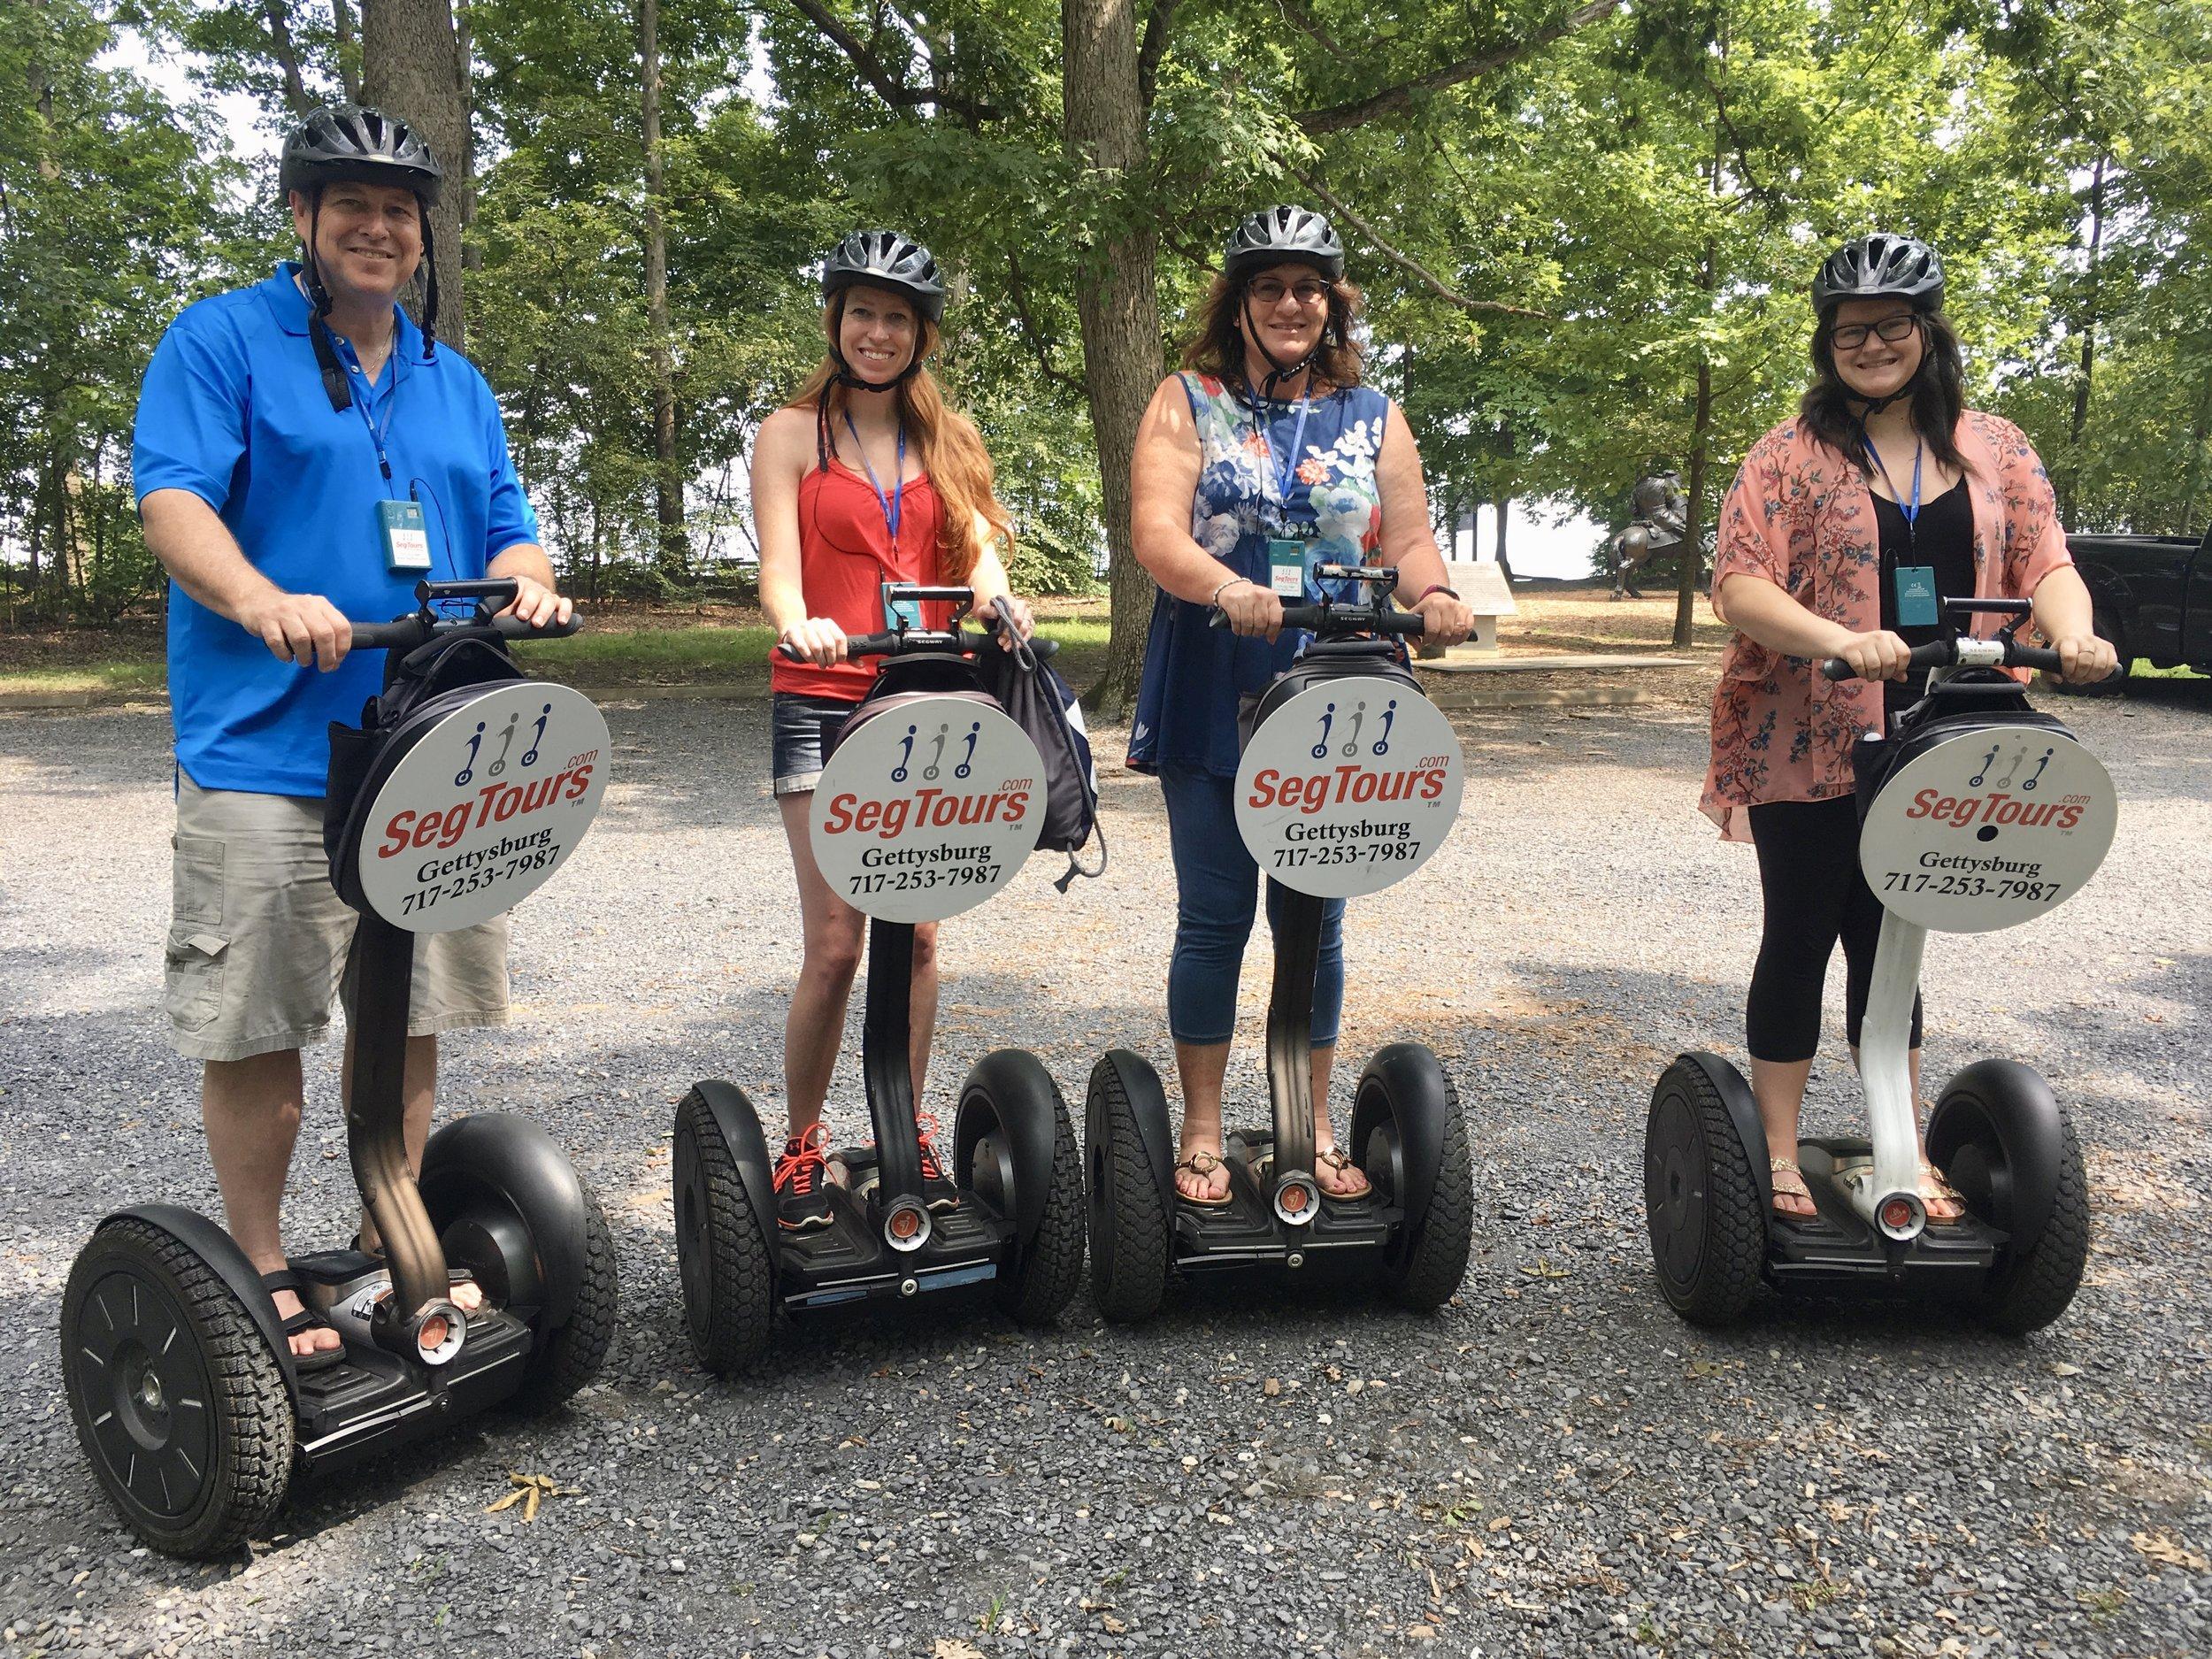 Segtours Gettysburg Segway tours